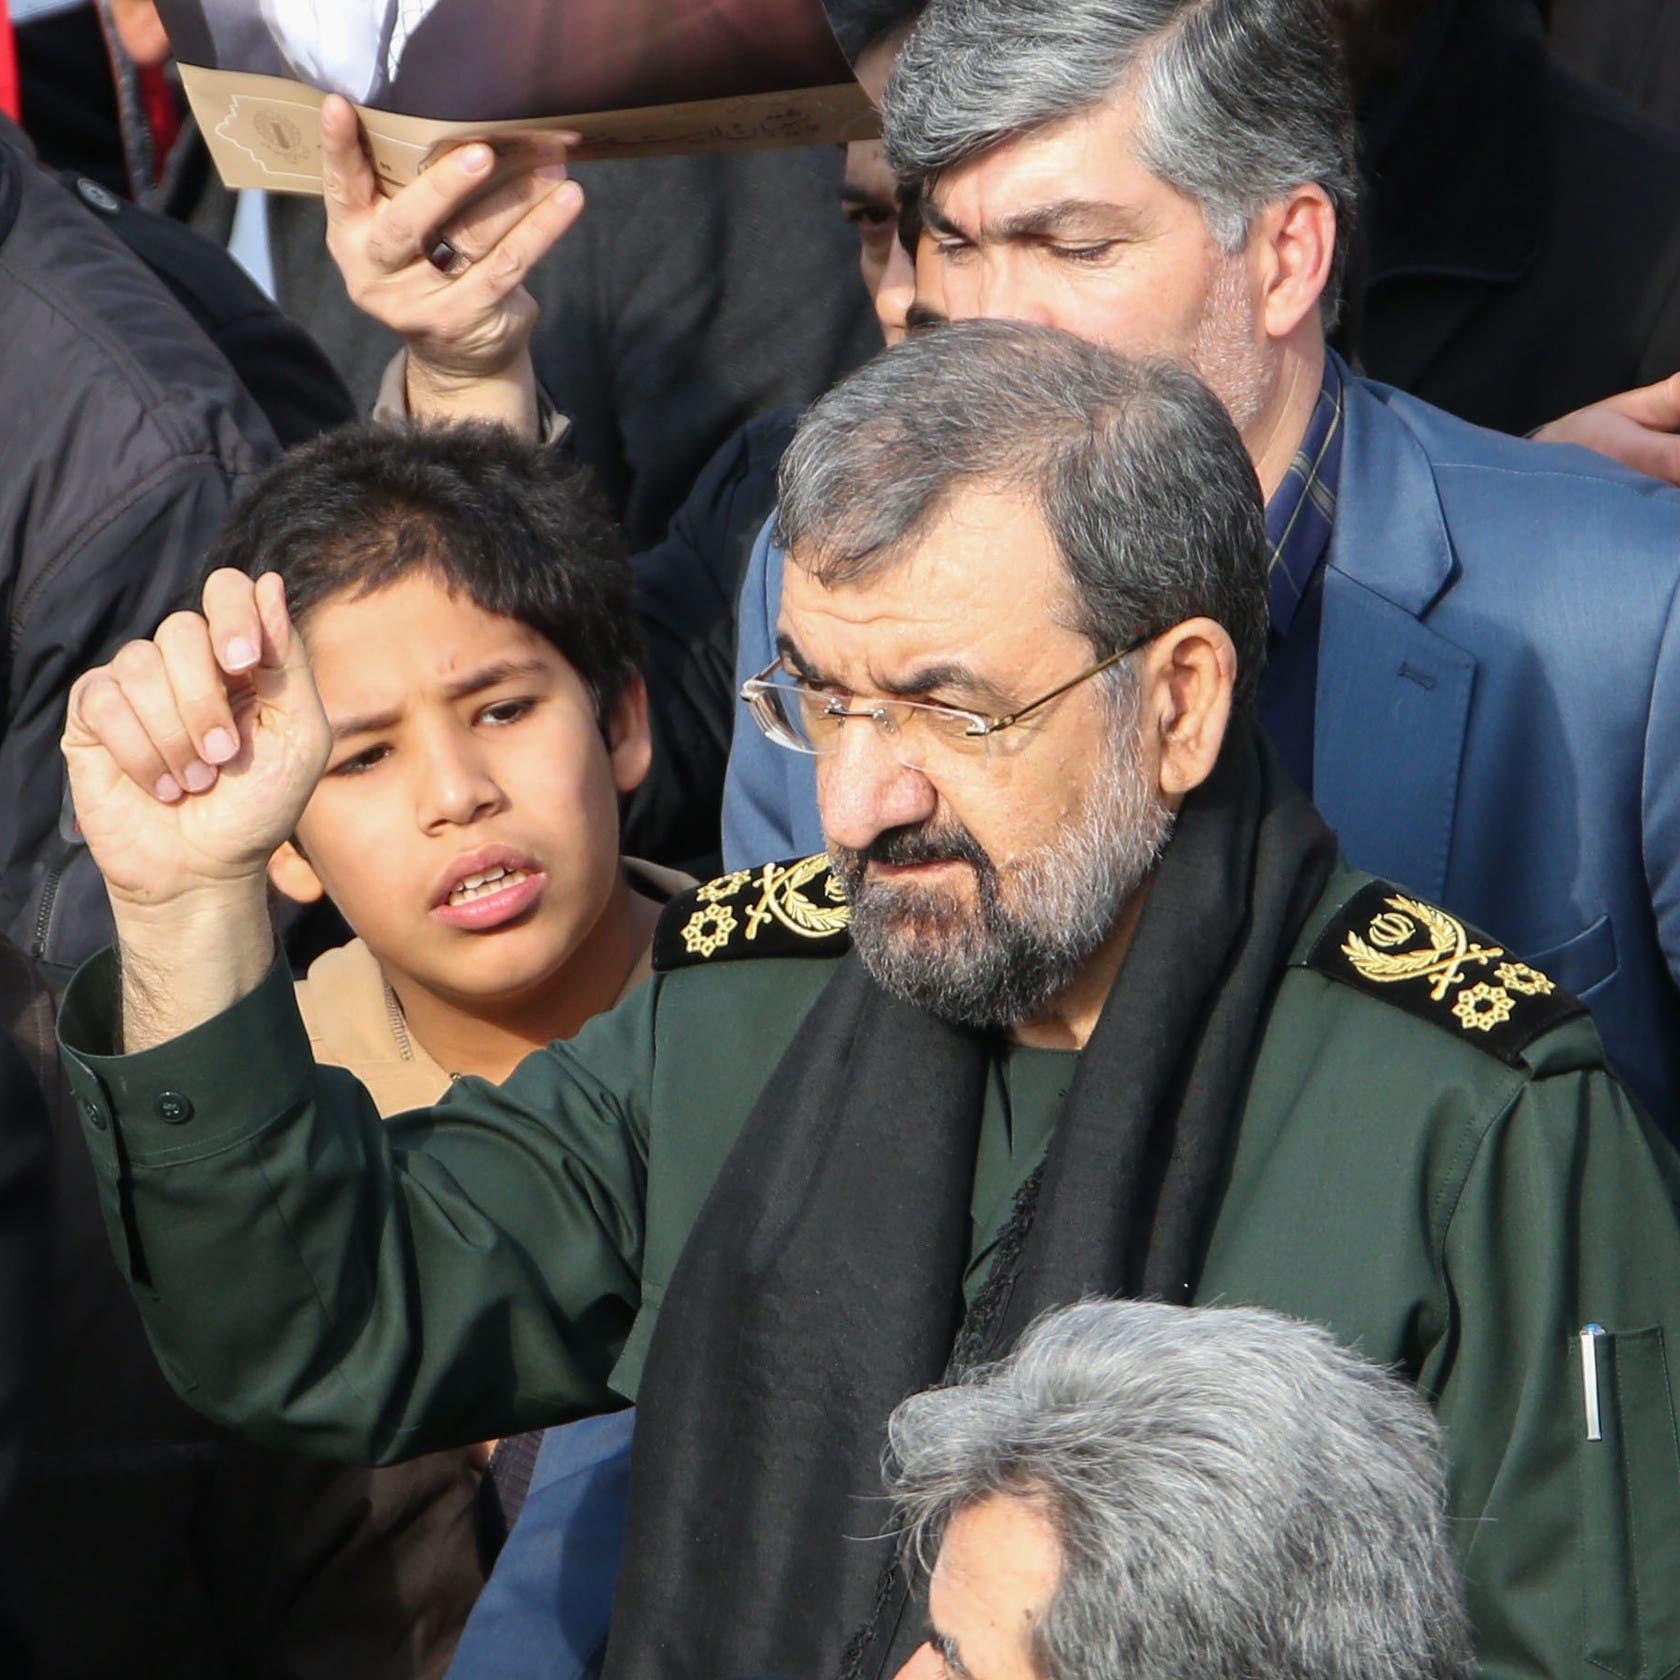 إيران تهدد بالرد على مقتل سليماني عبر ميليشياتها بالمنطقة